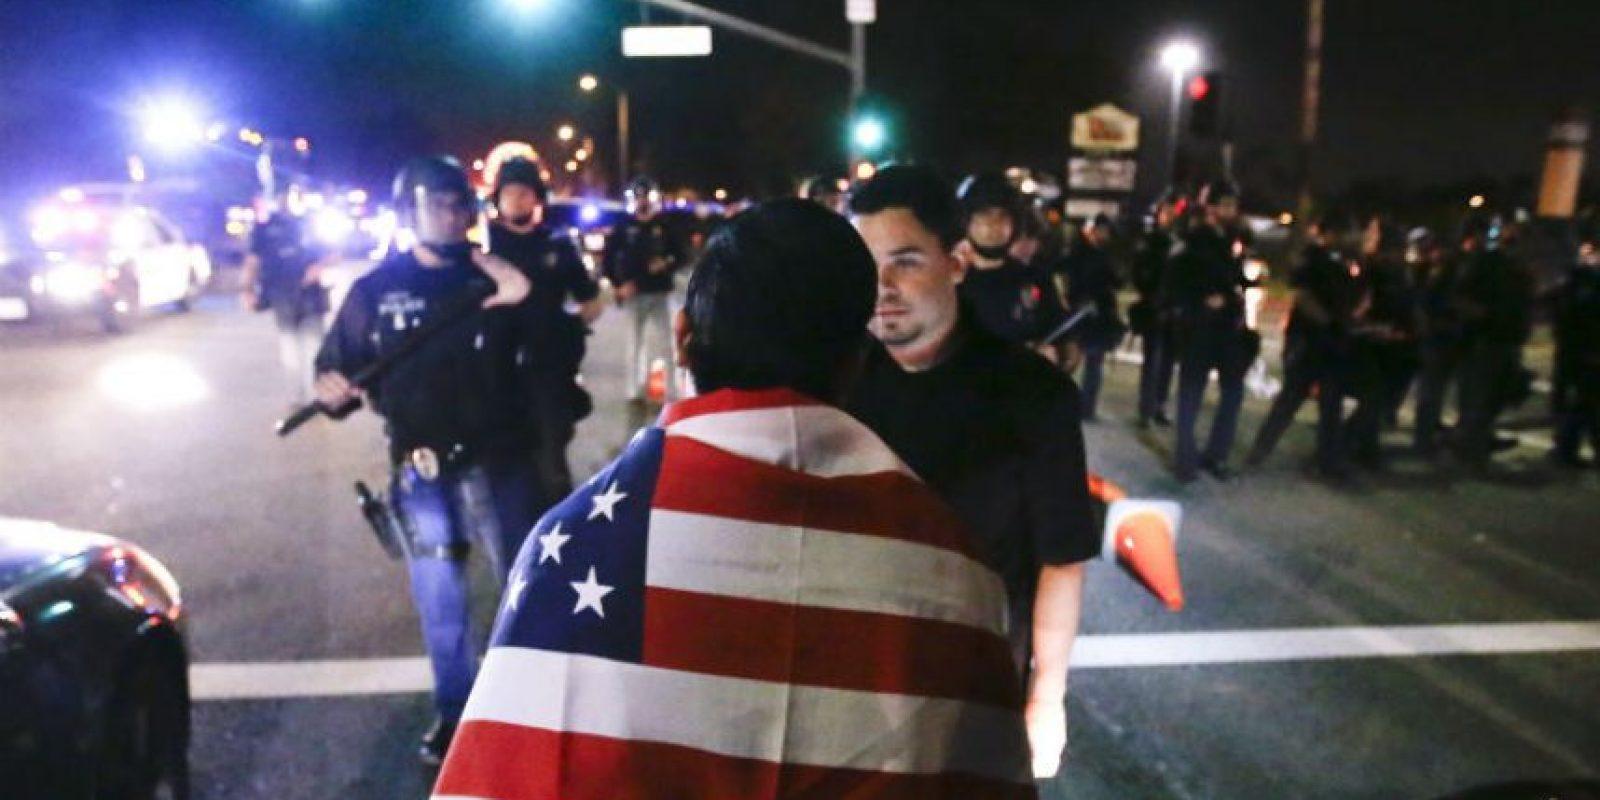 Los disturbios tuvieron lugar en los alrededores del Centro de Convenciones del Condado de Orange Foto:AP